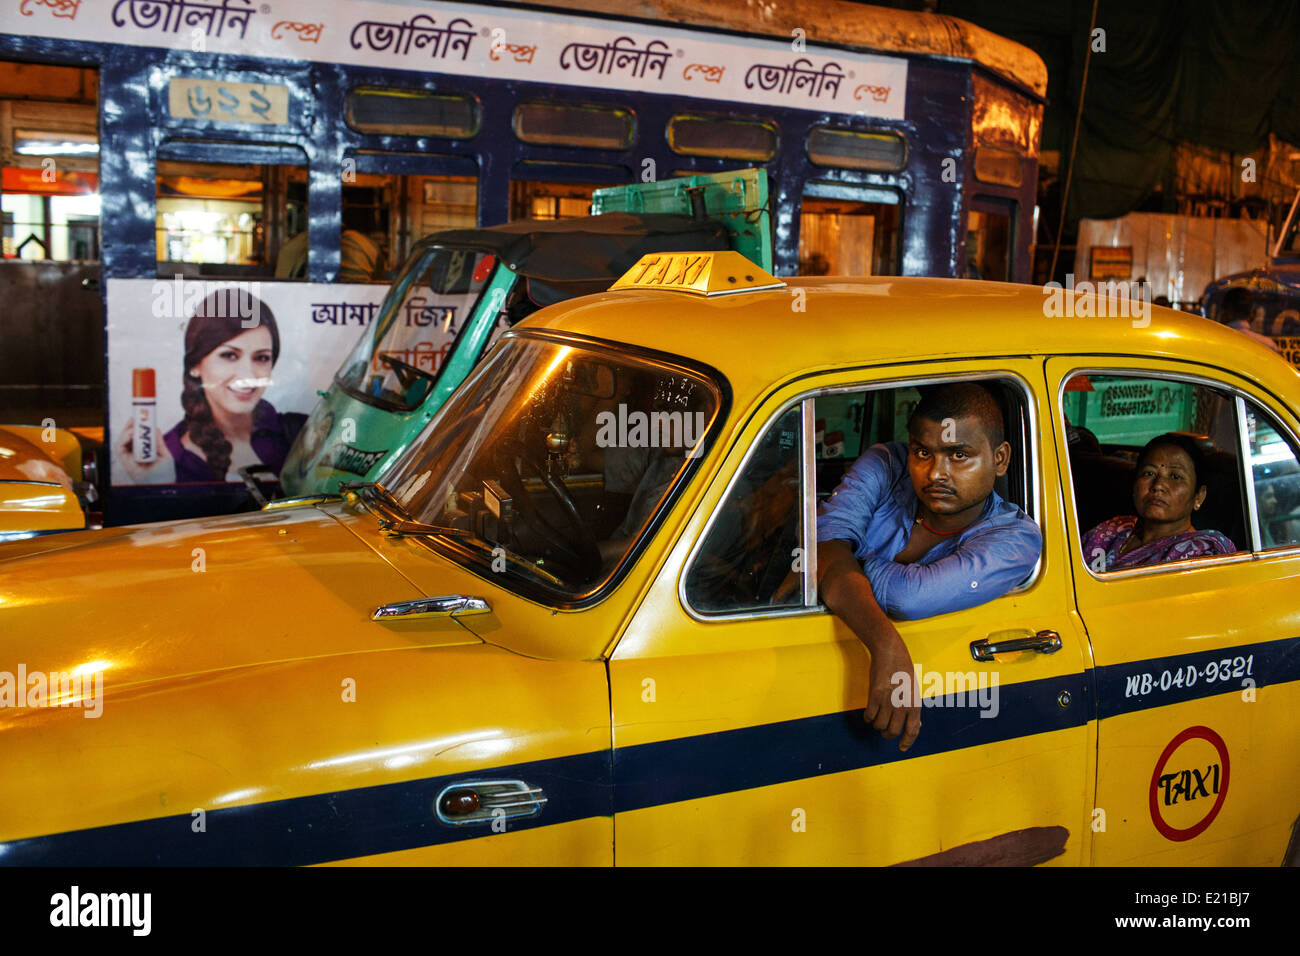 Ein Taxifahrer und seine gelbe Botschafter Auto stecken im Stau in Zentralindien Kolkata (Kalkutta). Stockbild